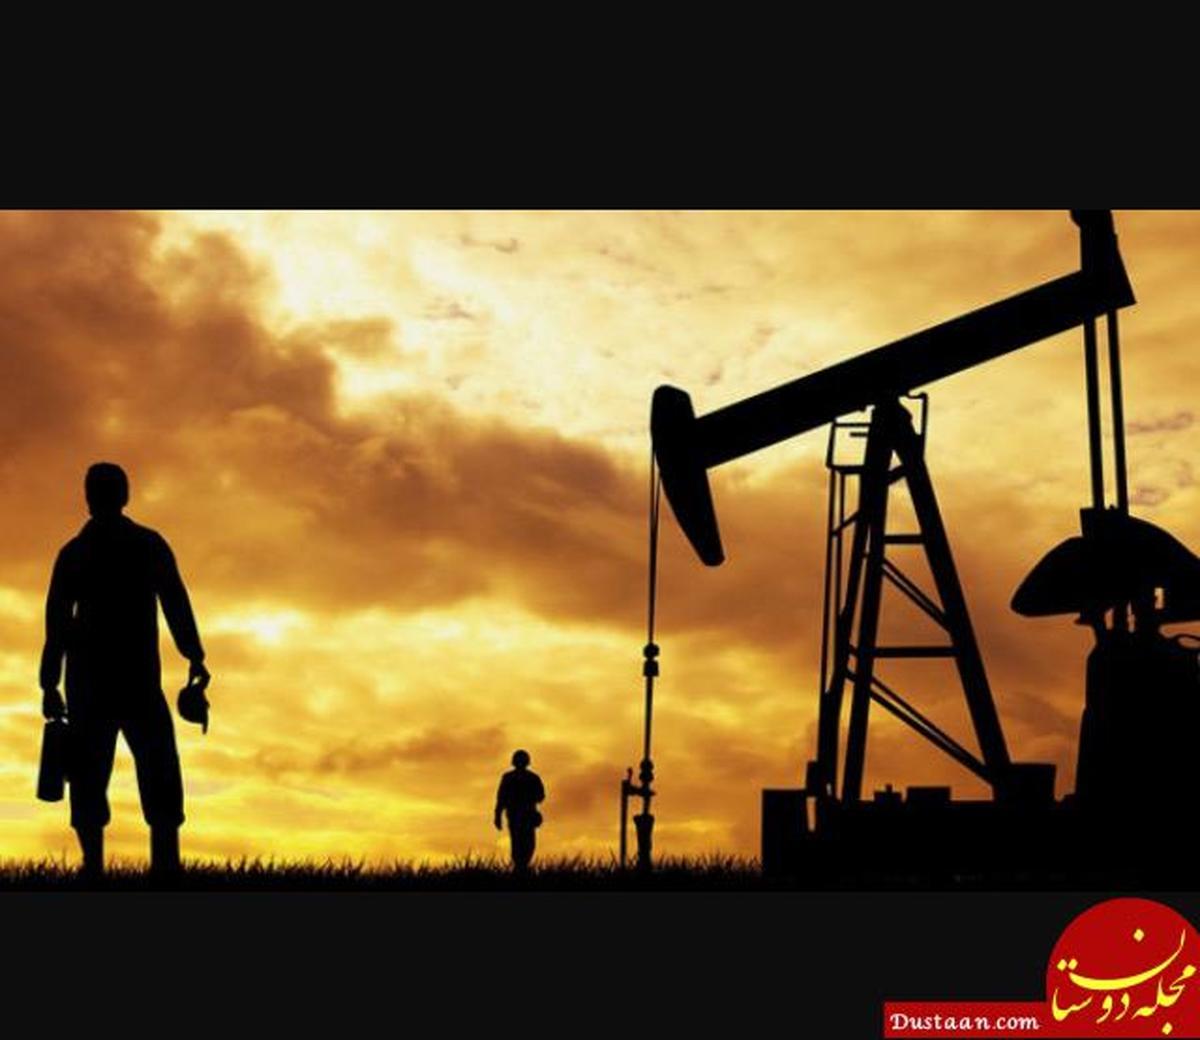 رشد 65 درصدی واردات نفت ژاپن از ایران در مردادماه امسال